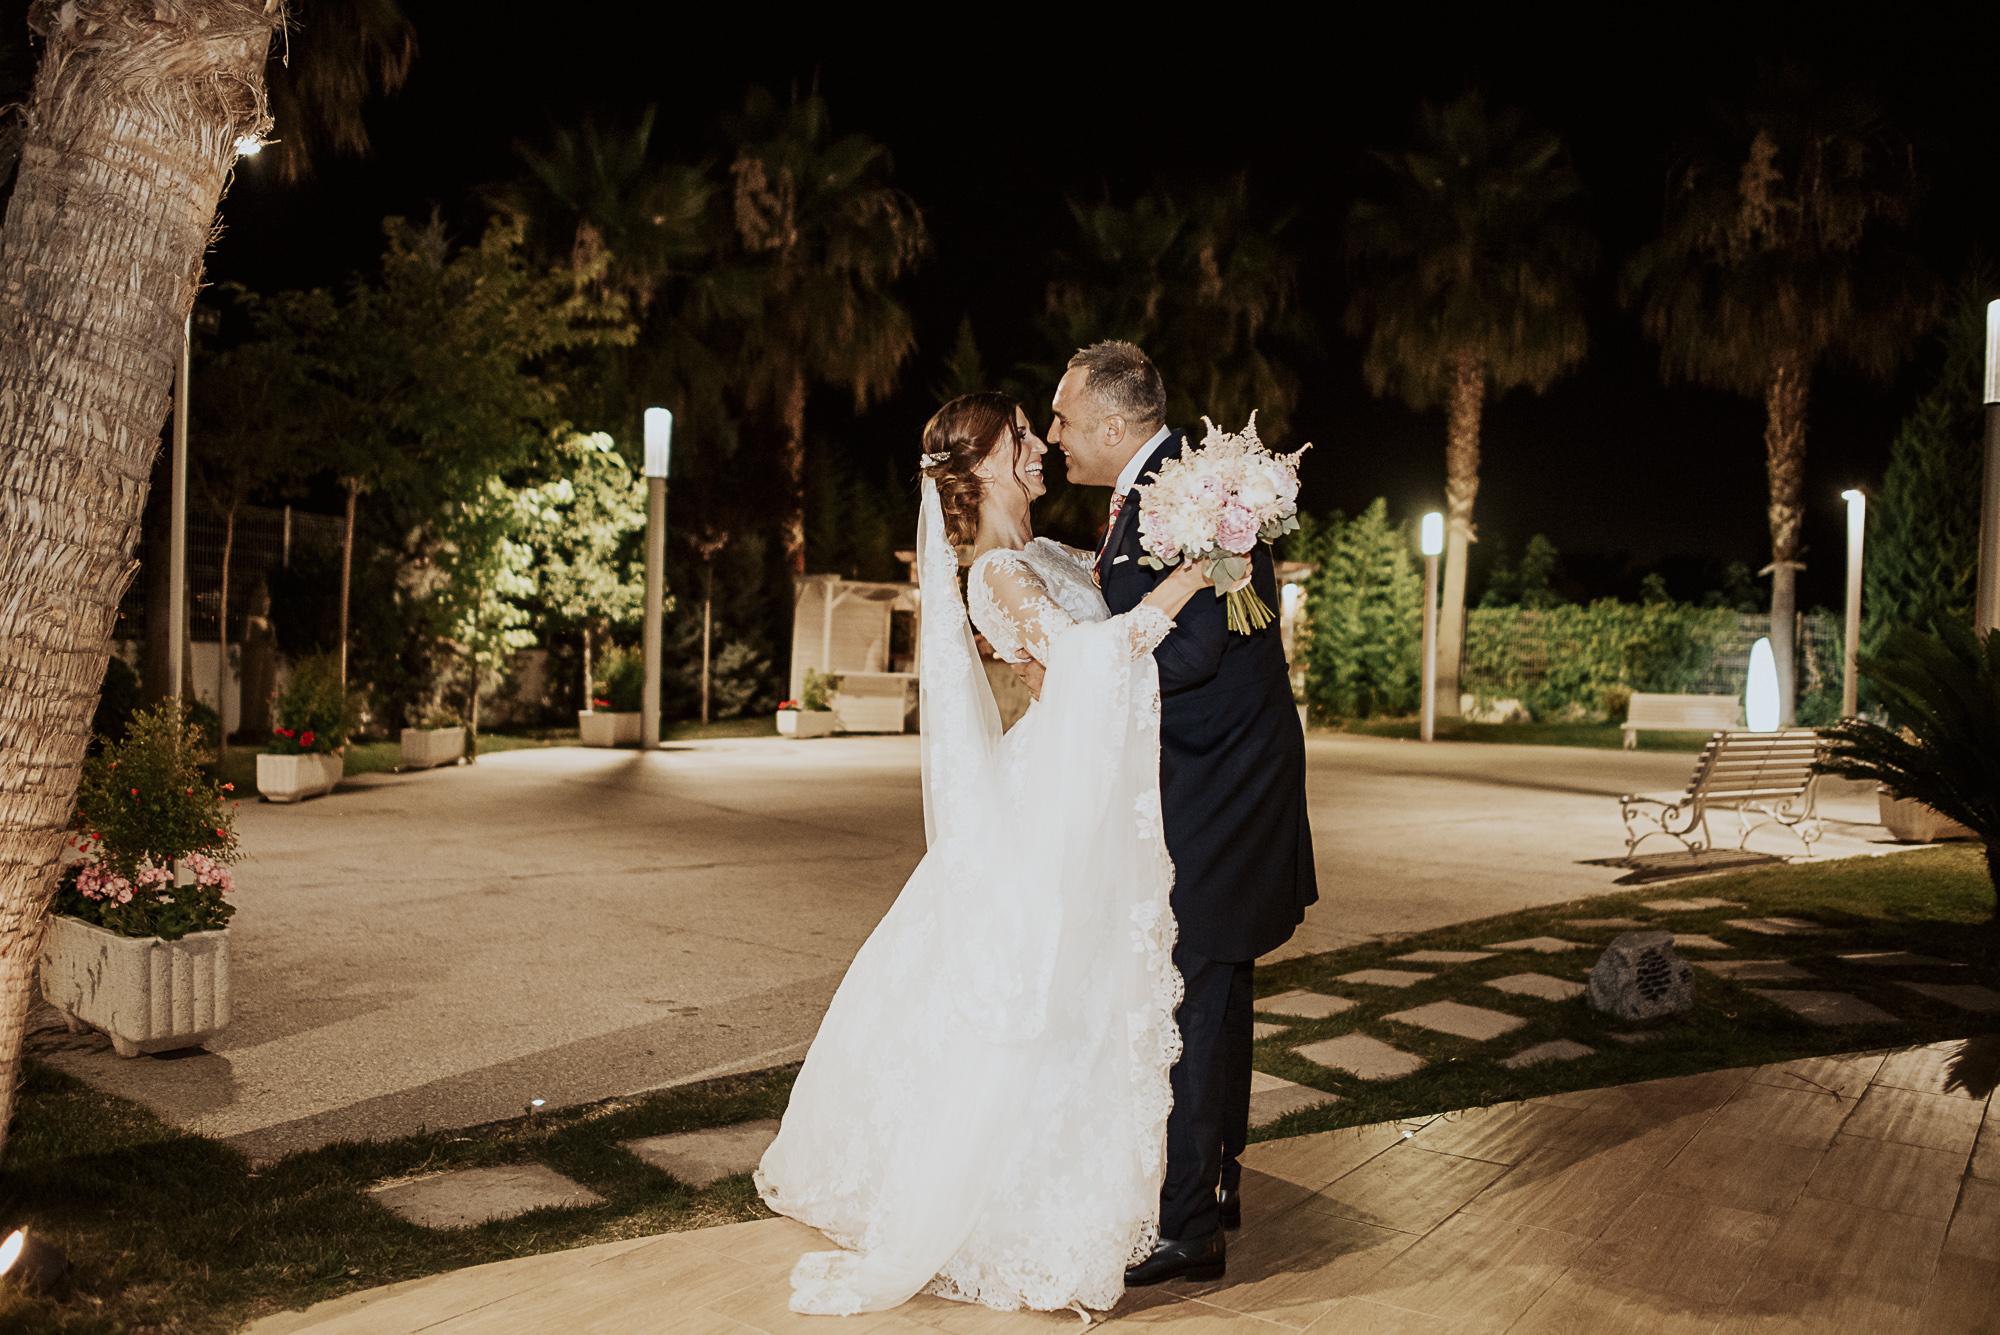 garatefotografia-fotografo-de-boda-en-Granada (97)